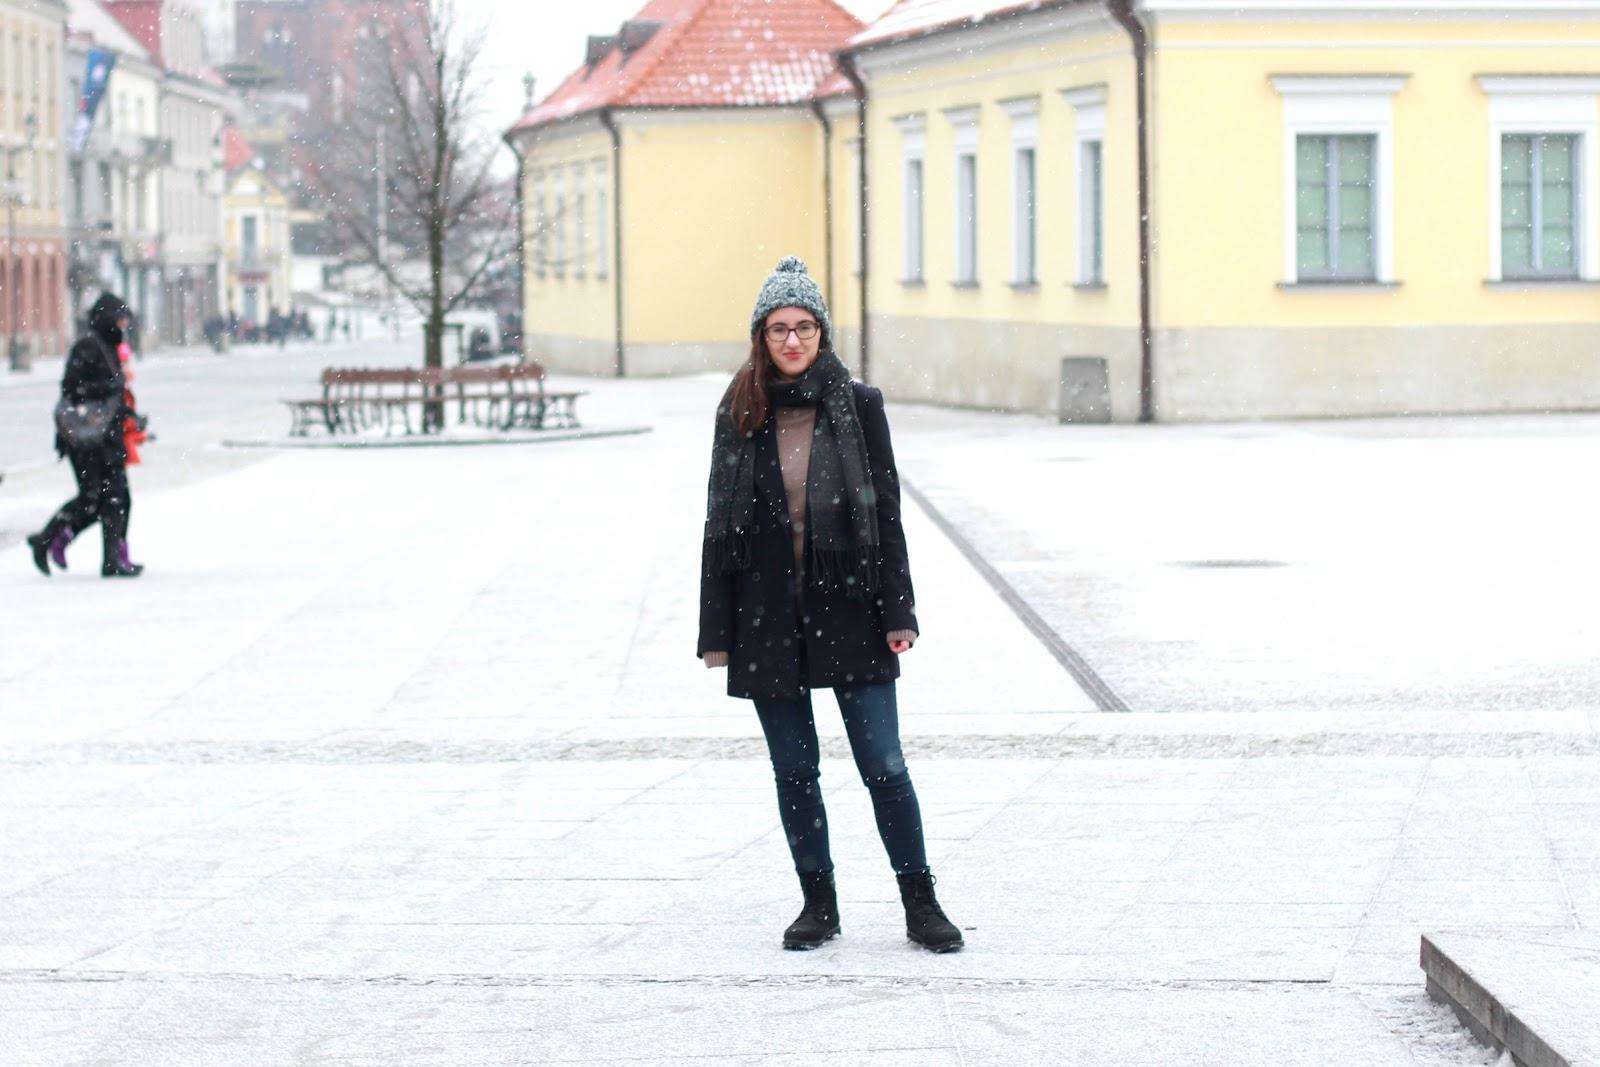 płaszcz Zara, czarne Timberlandy, black Timnerland boots, sinsay beanie, szalik z z sinsay, jeansy mango